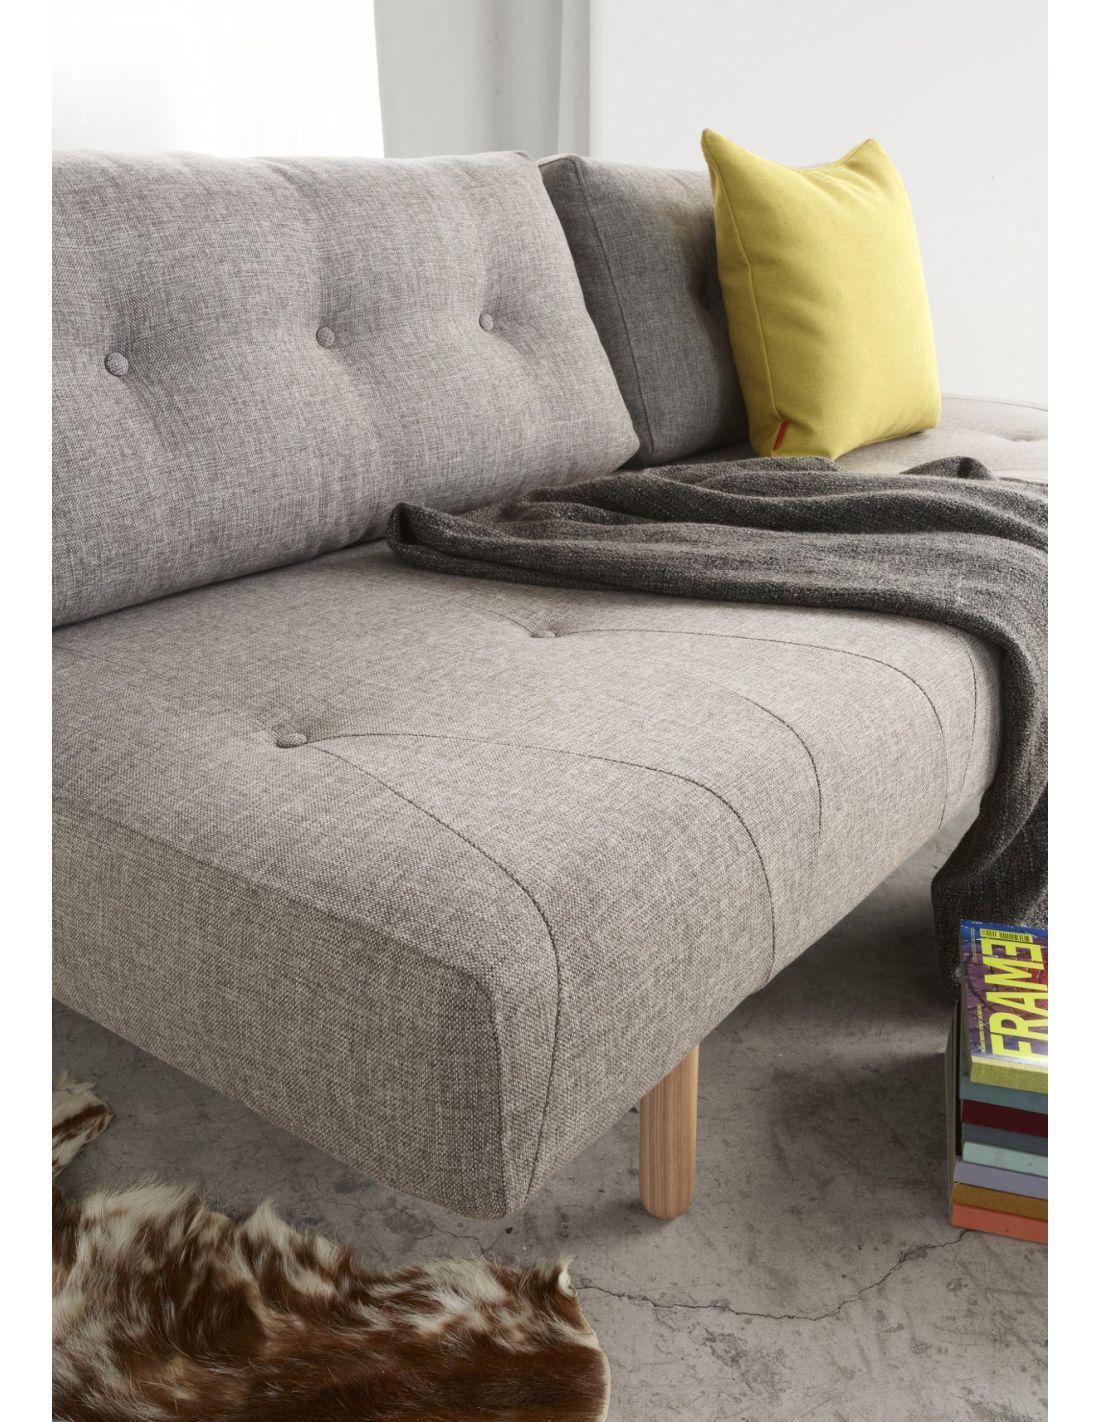 Divano letto Rhomb matrimoniale in tessuto design moderno 200 cm